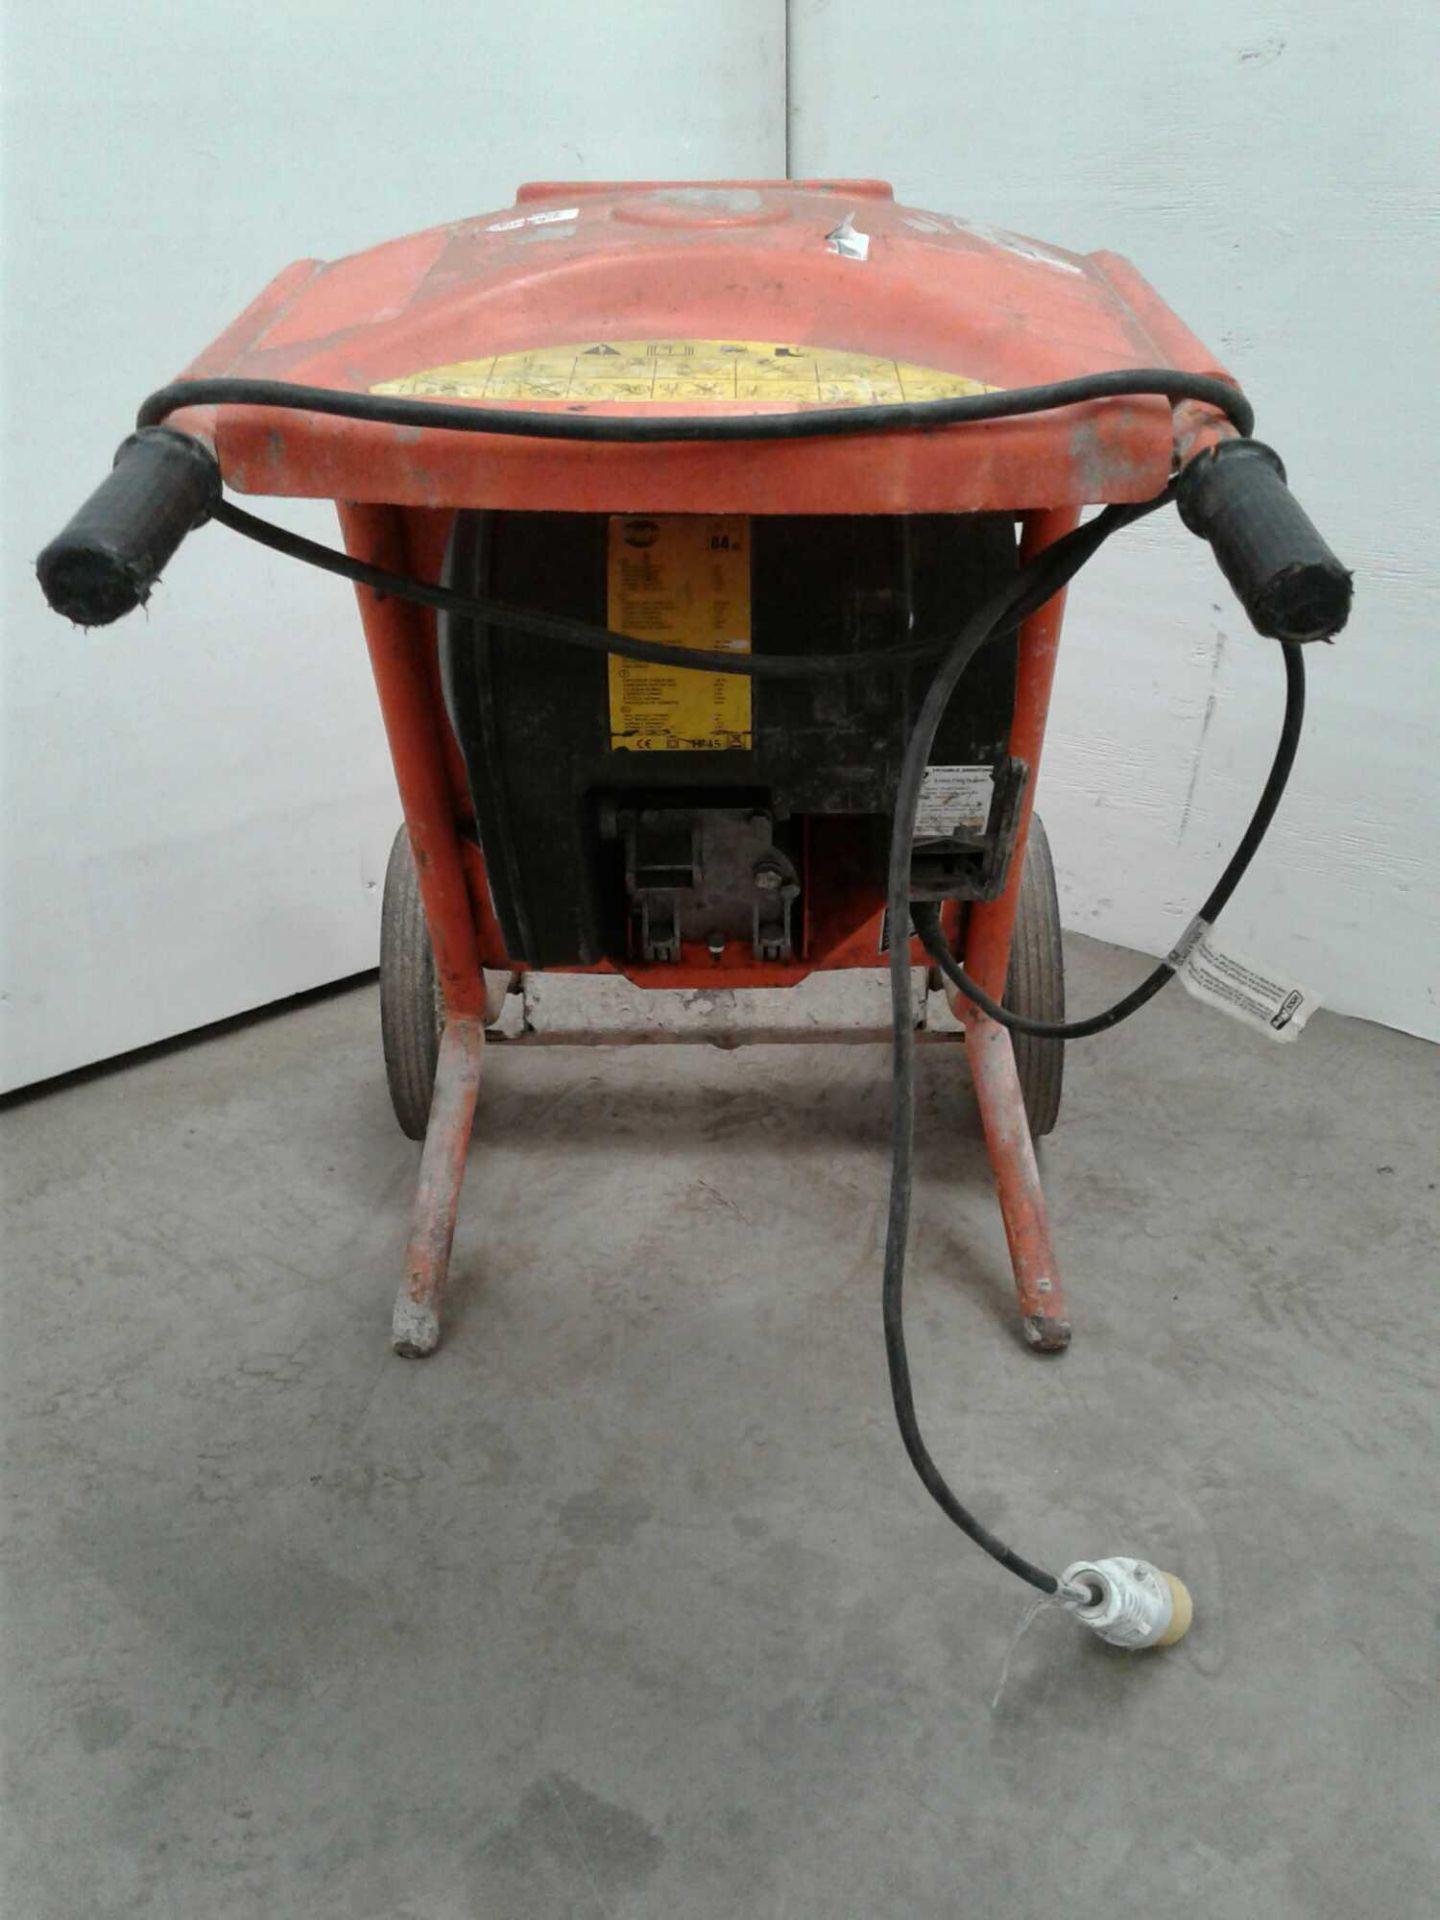 Lot 51 - Belle minimix 150 concrete mixer 110 V